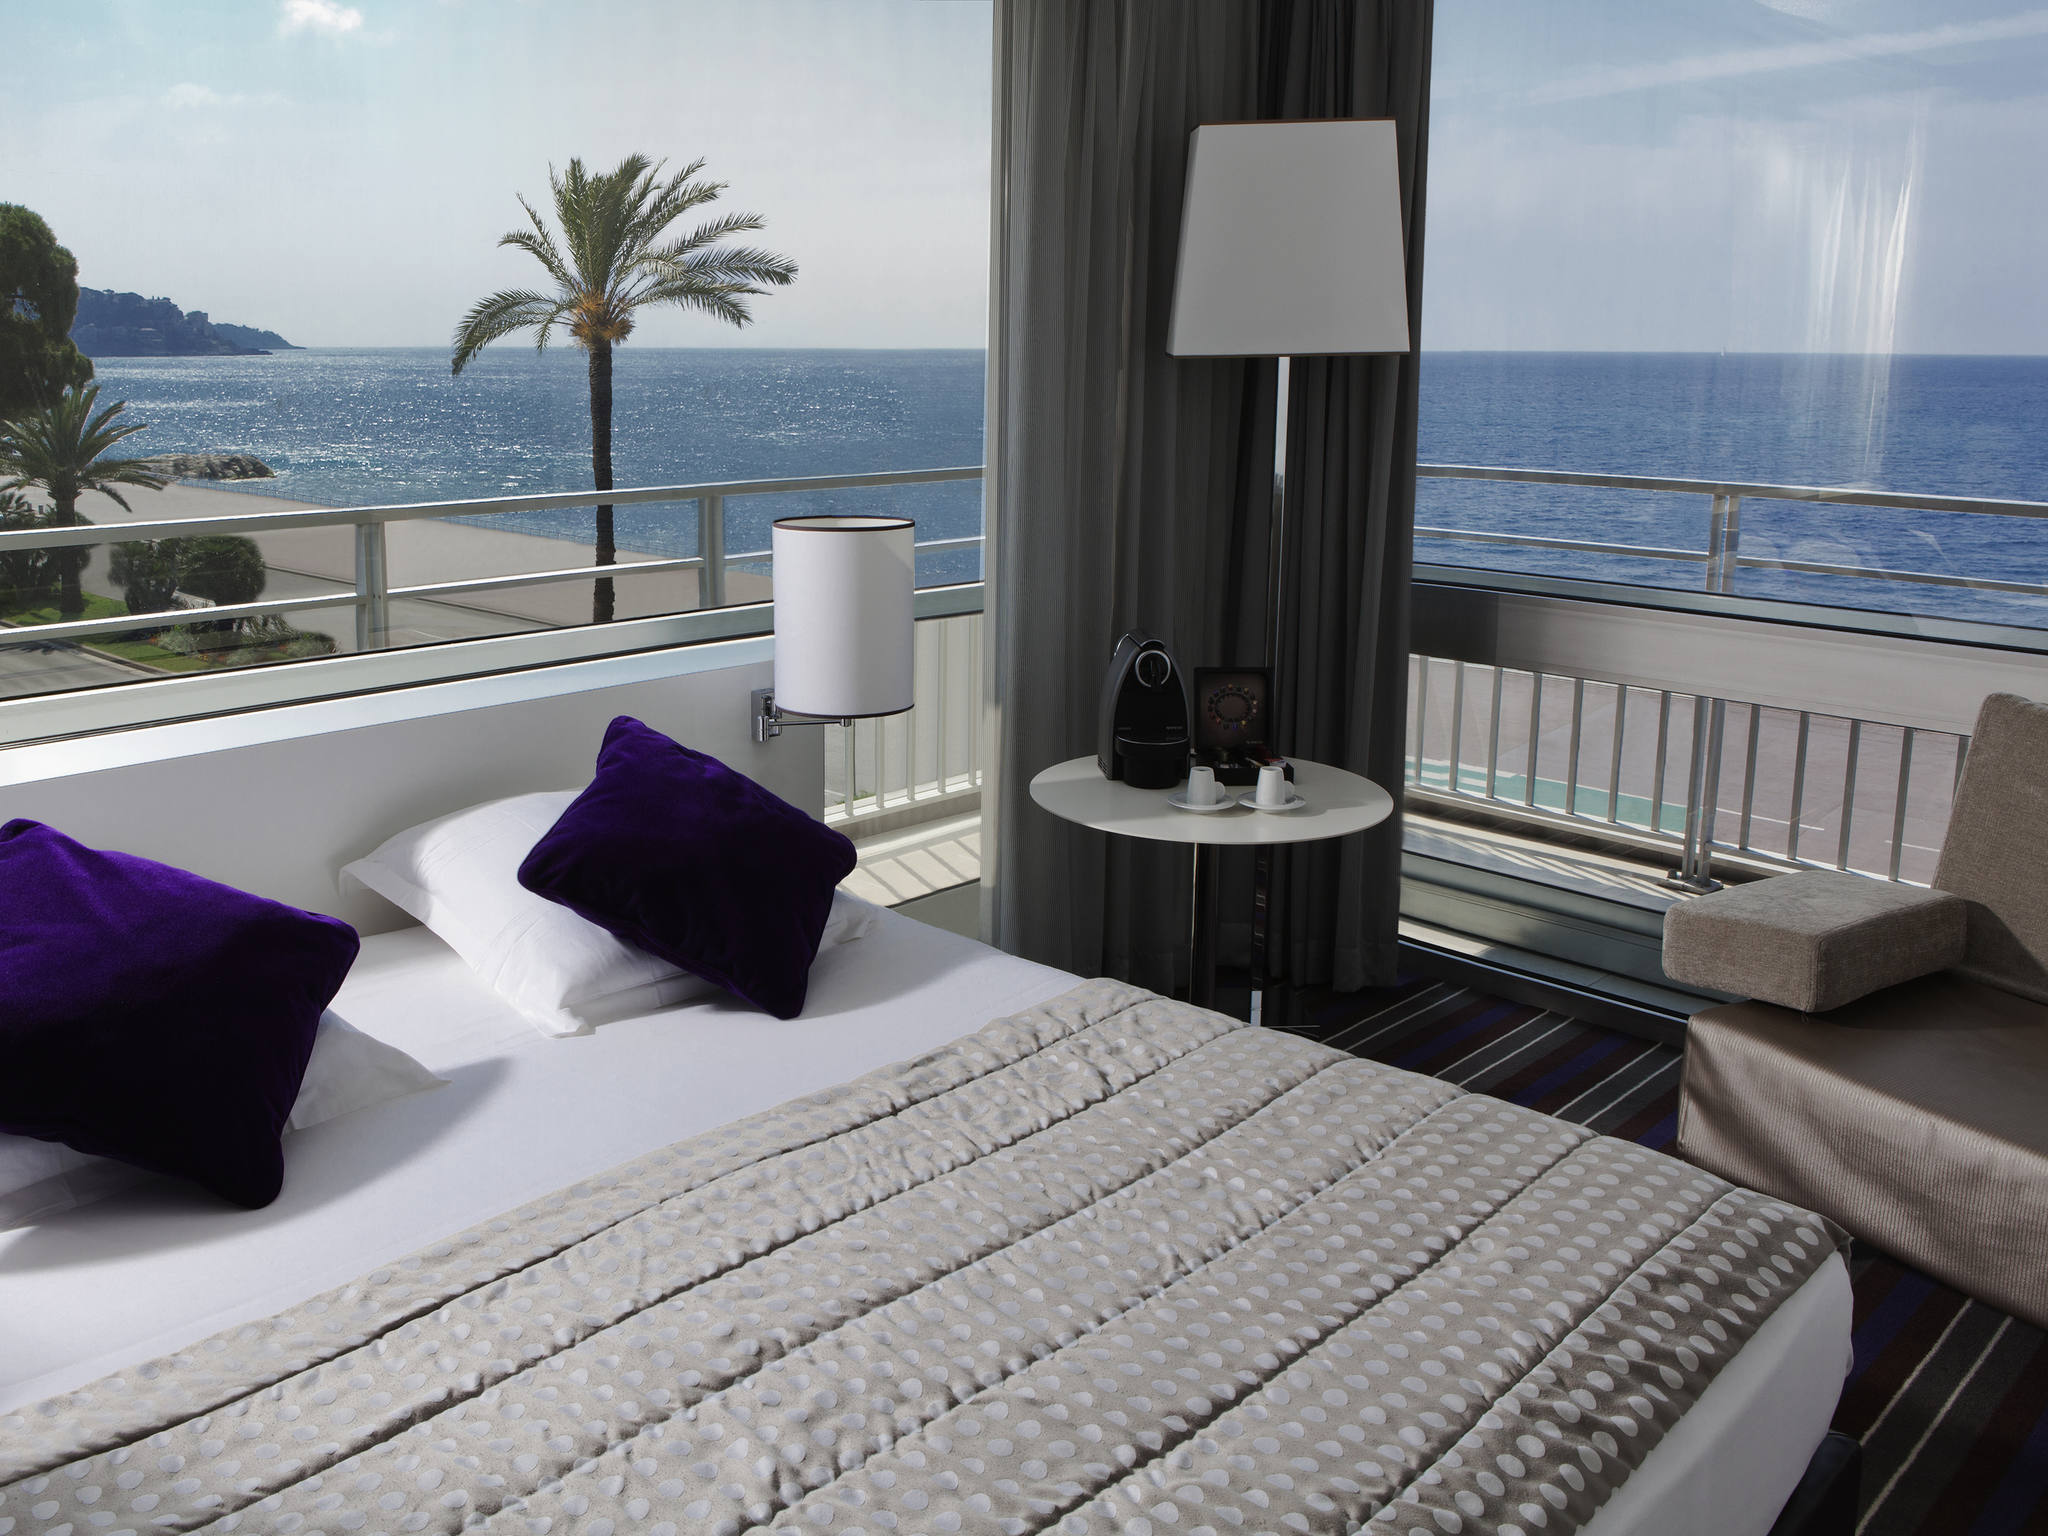 Hôtel - Hôtel Mercure Nice Promenade des Anglais